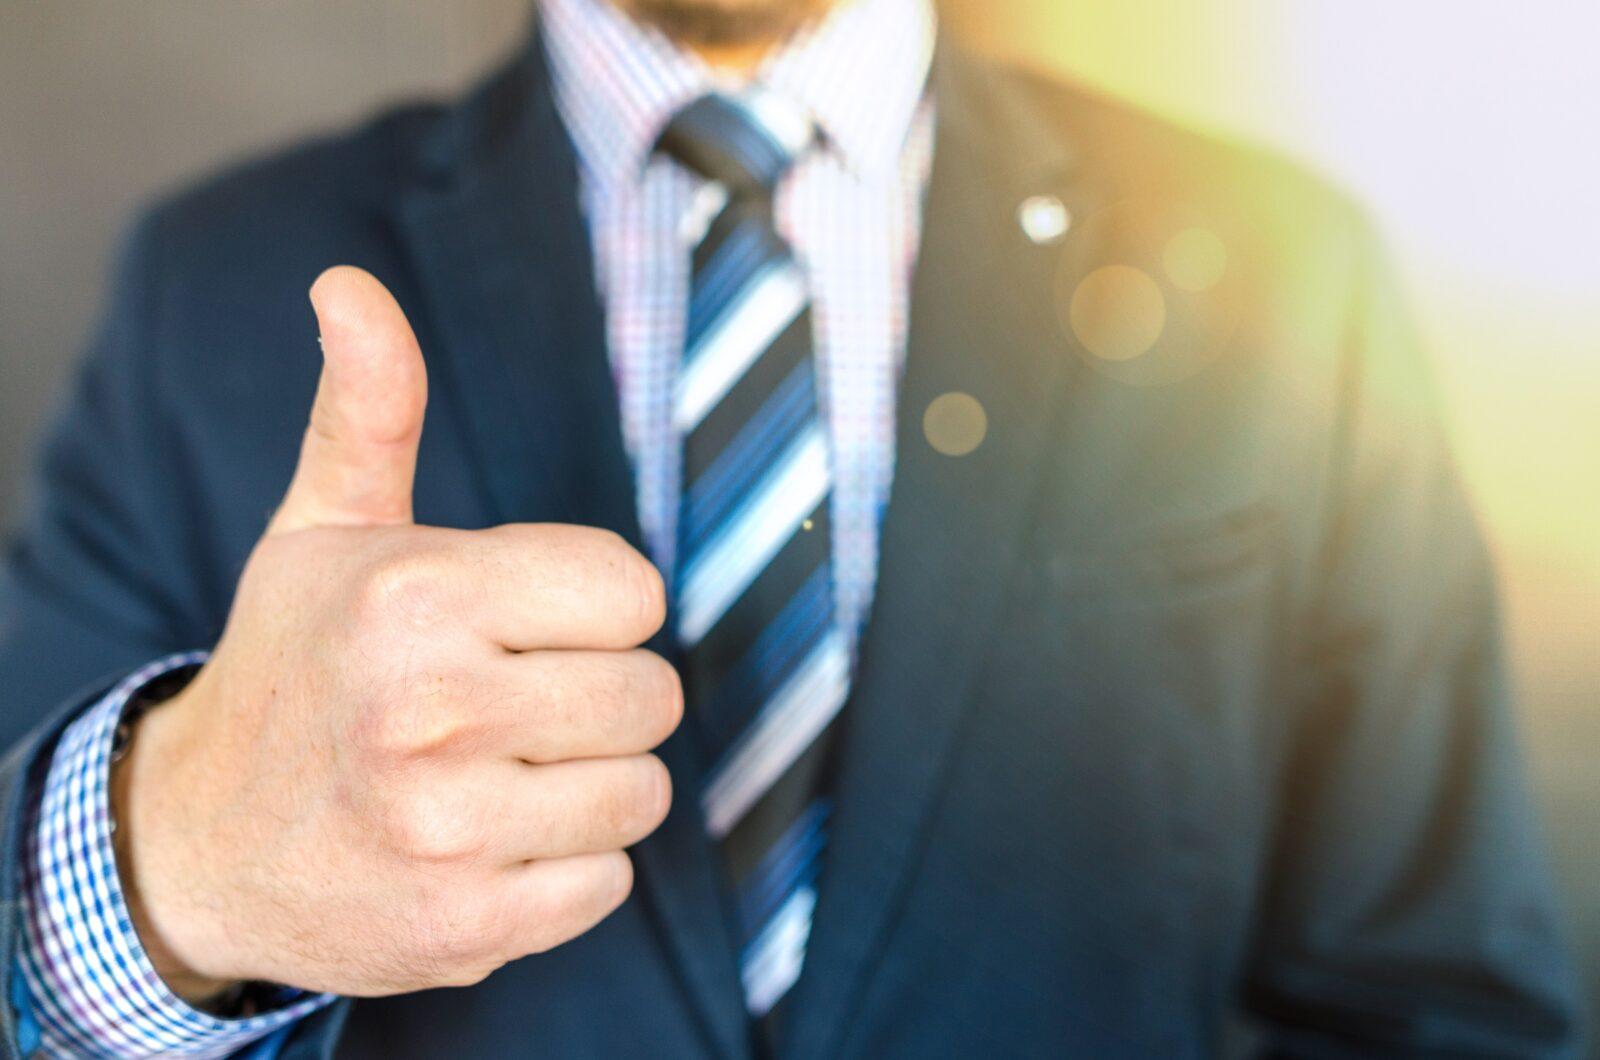 Likwidacja spółki z ograniczoną odpowiedzialnością a odpowiedzialność członków zarządu na gruncie art. 299 Kodeksu spółek handlowych